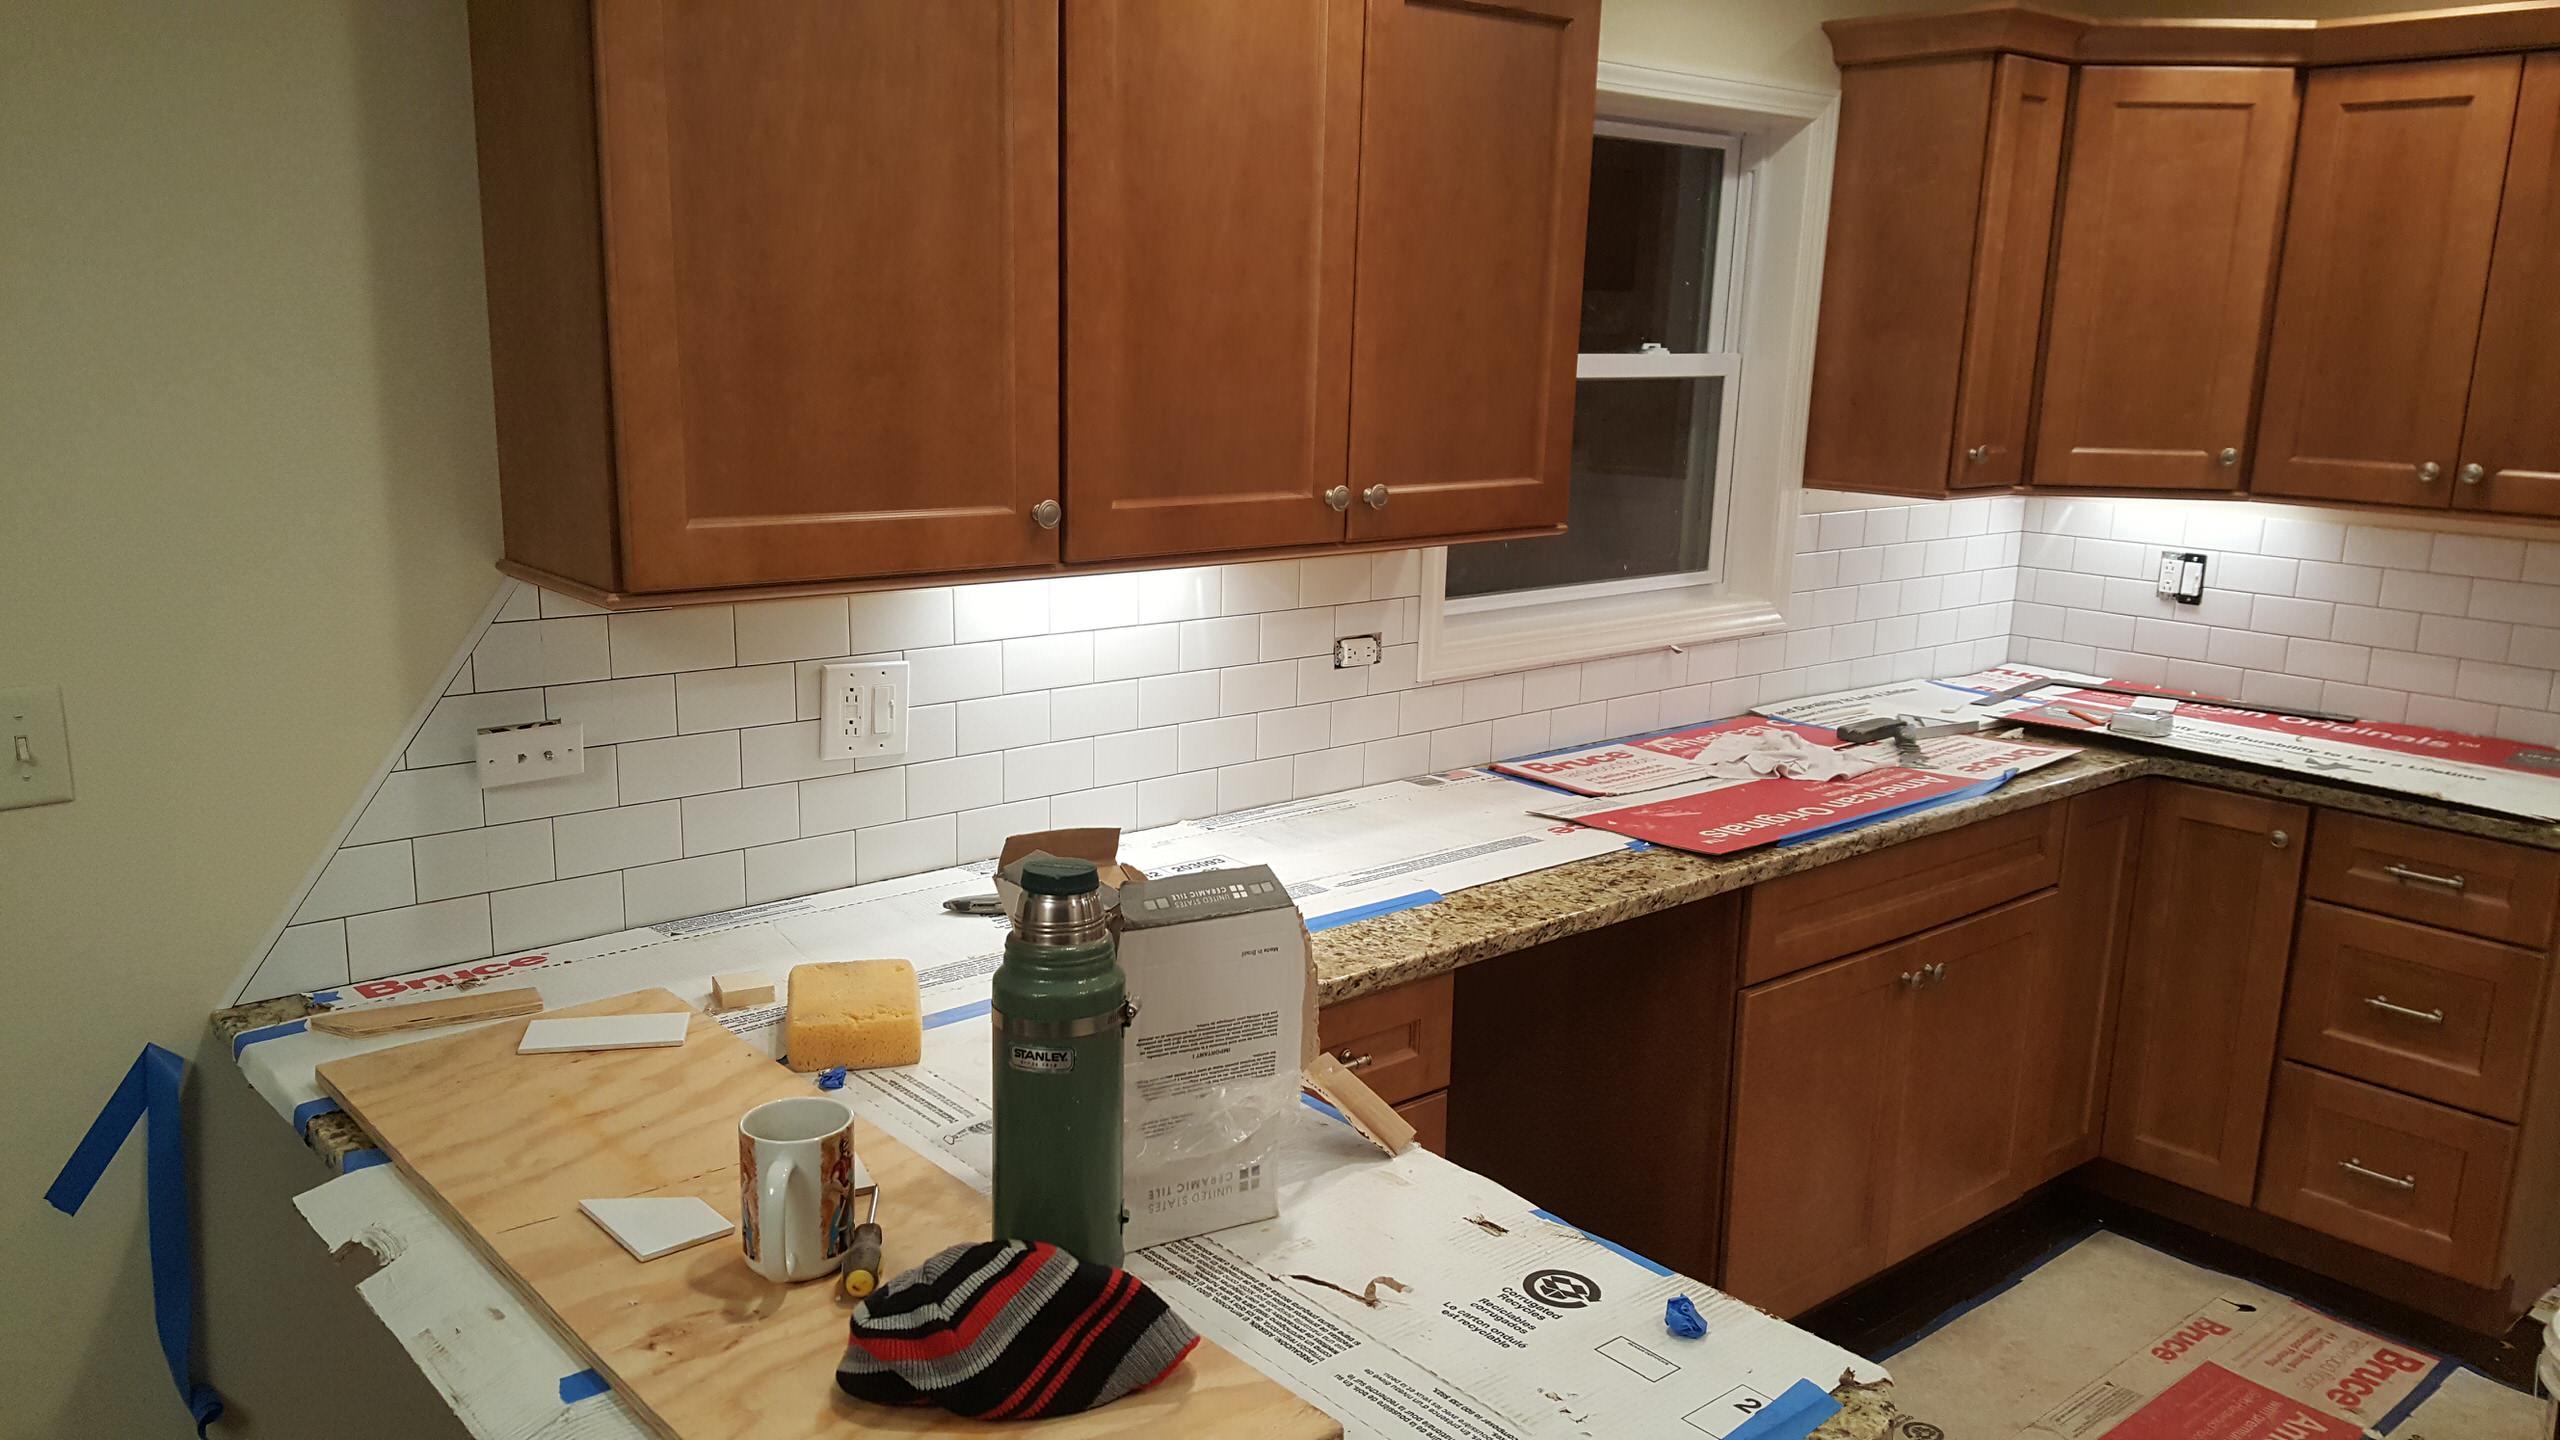 Installing a subway tile backsplash in a new kitchen